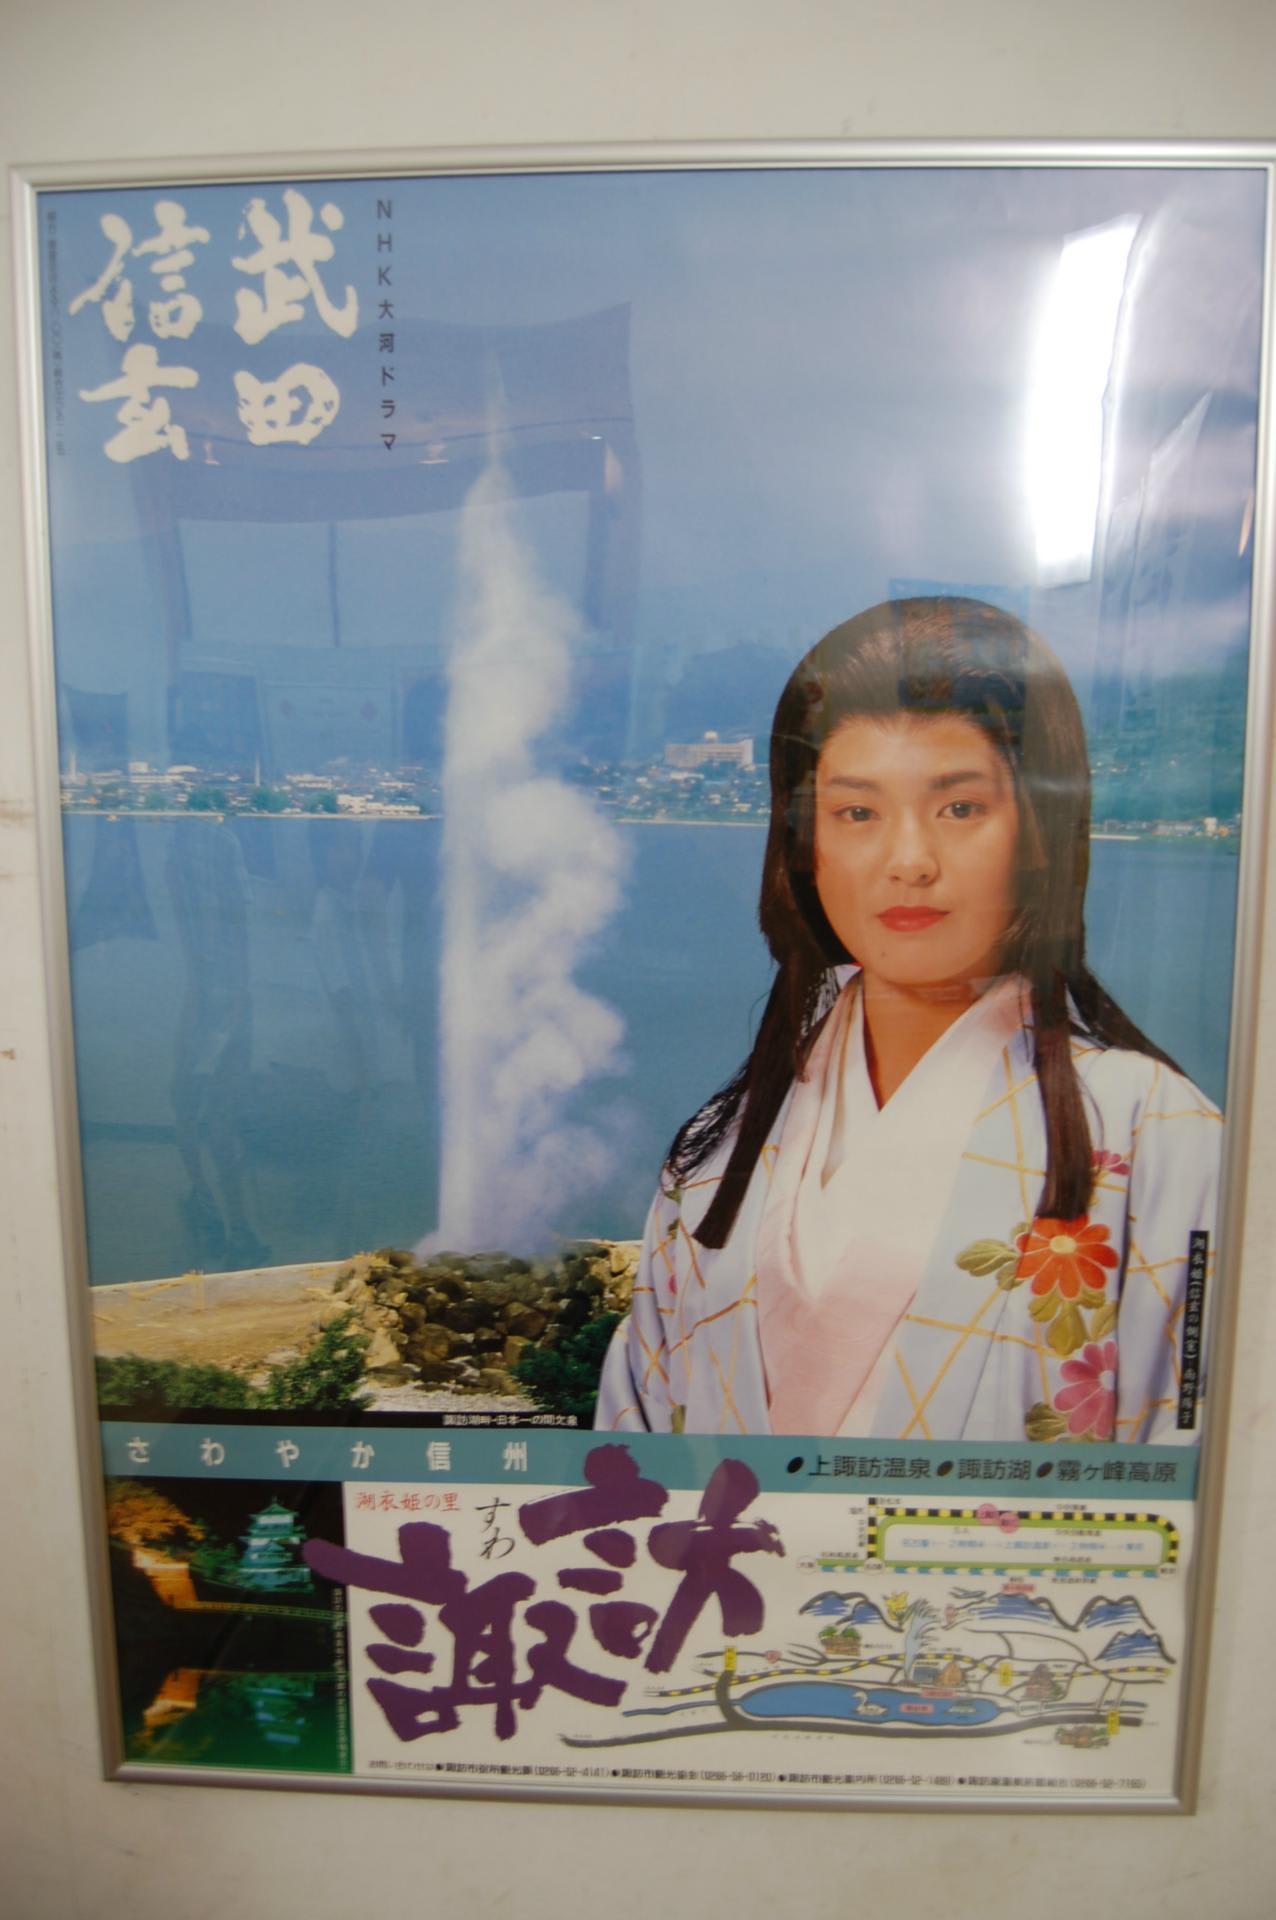 武田信玄 (NHK大河ドラマ)の画像 p1_34